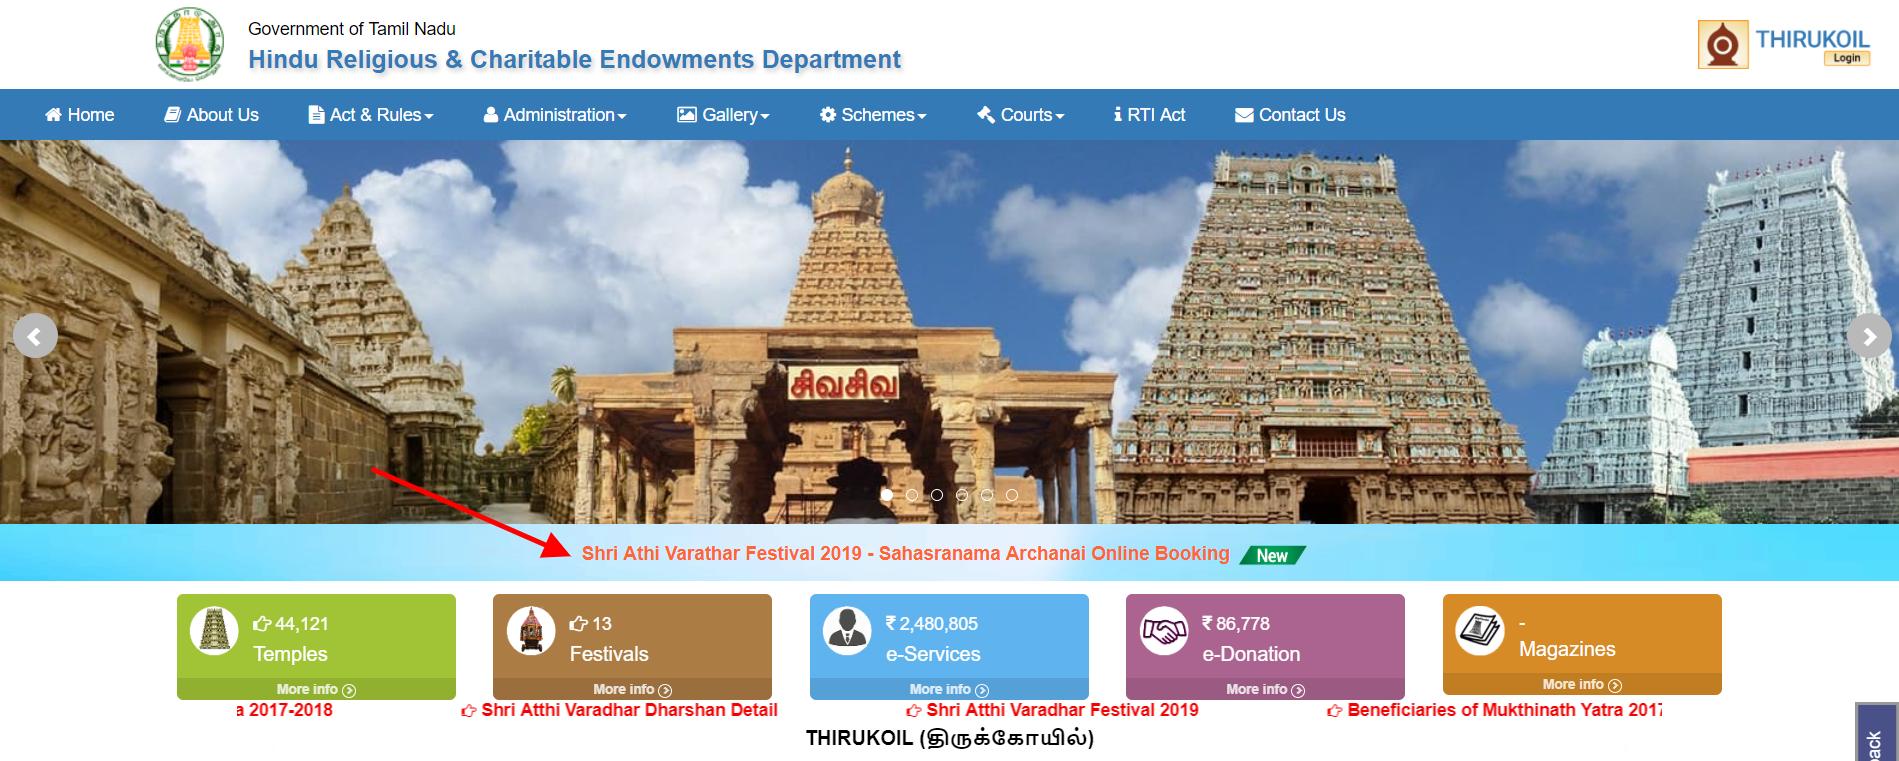 athi varadar online booking